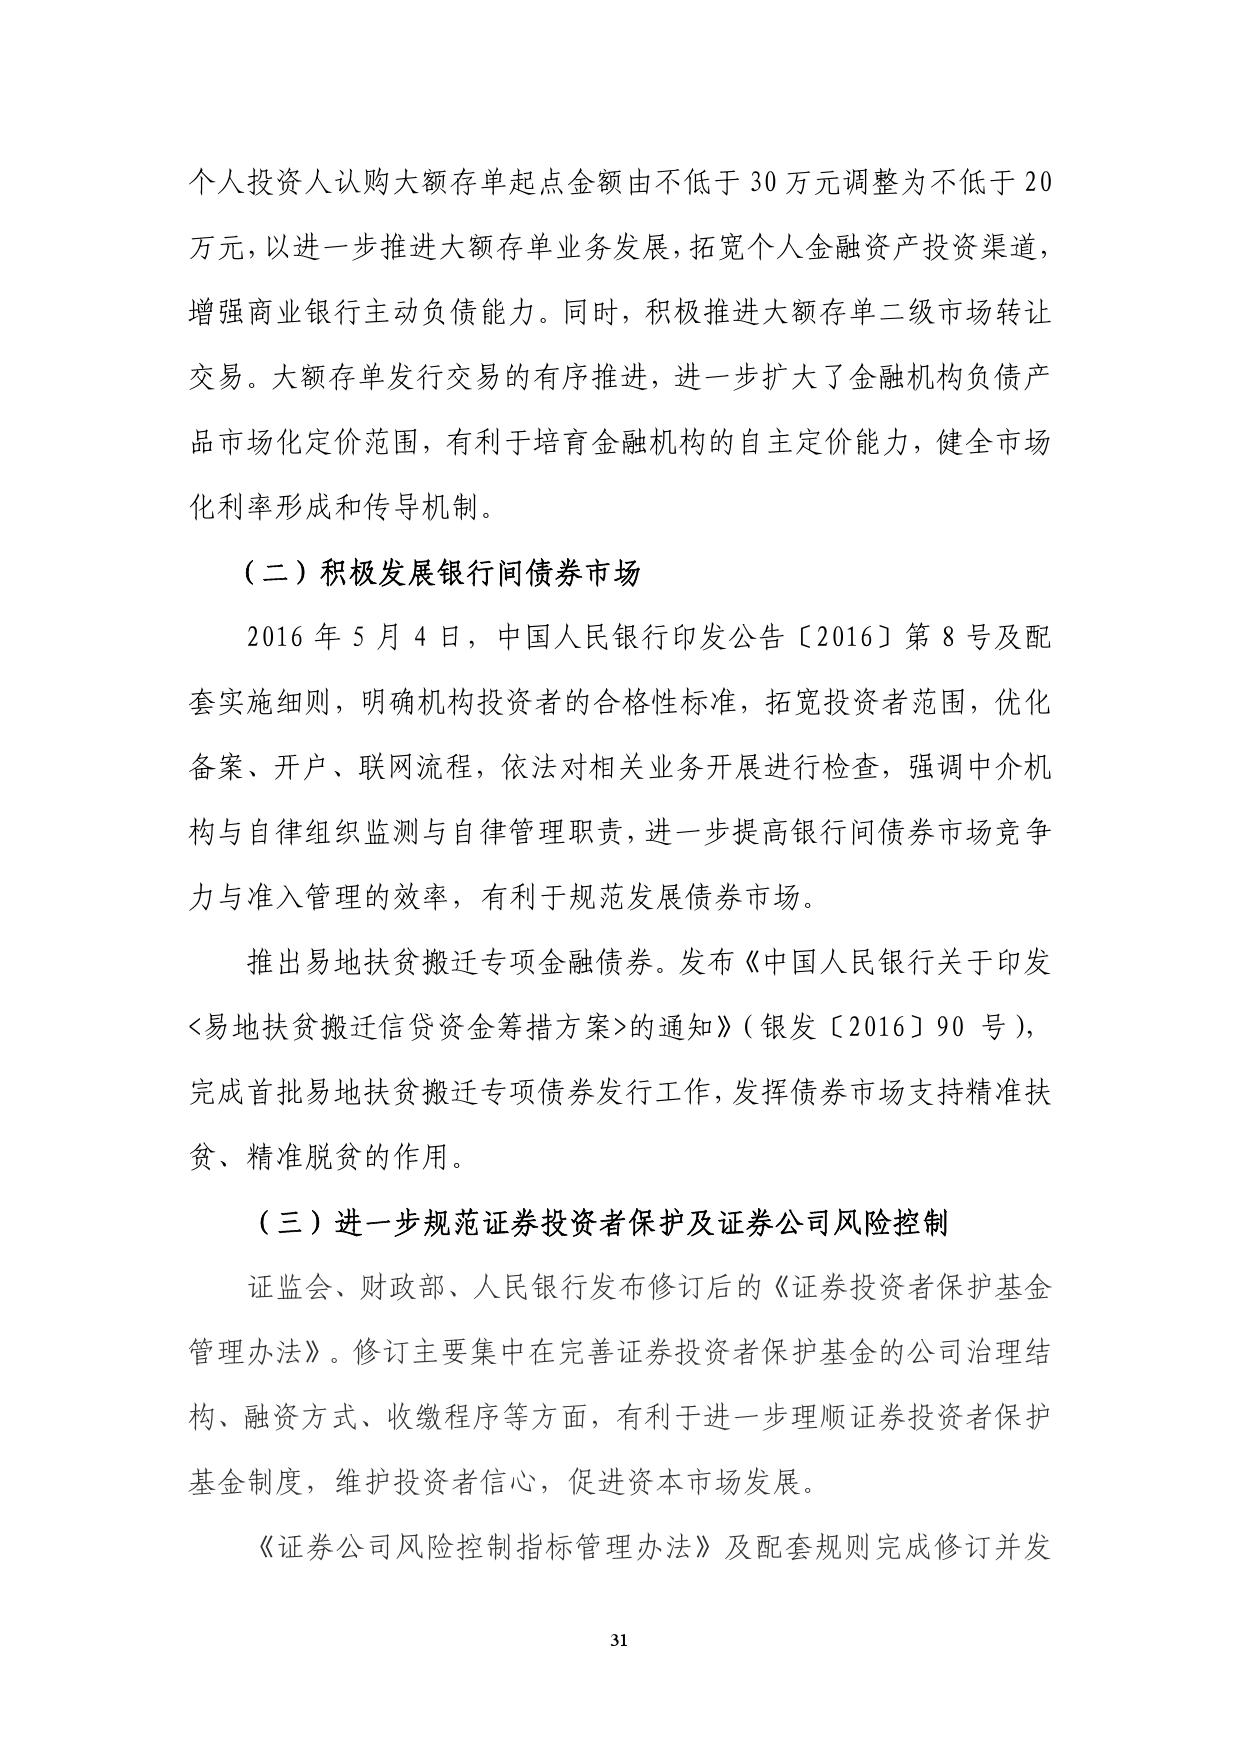 2016年Q2中国货币政策执行报告_000037